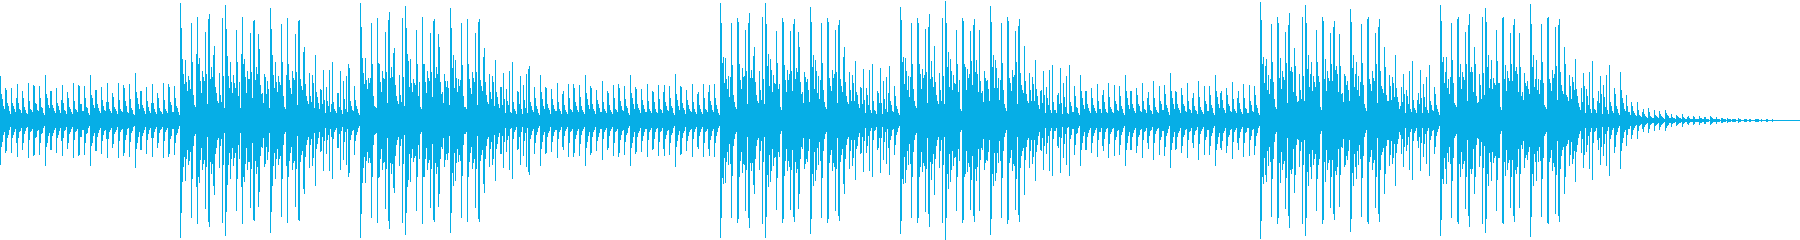 琴の旋律が生み出すオリエンタルなビートの再生済みの波形